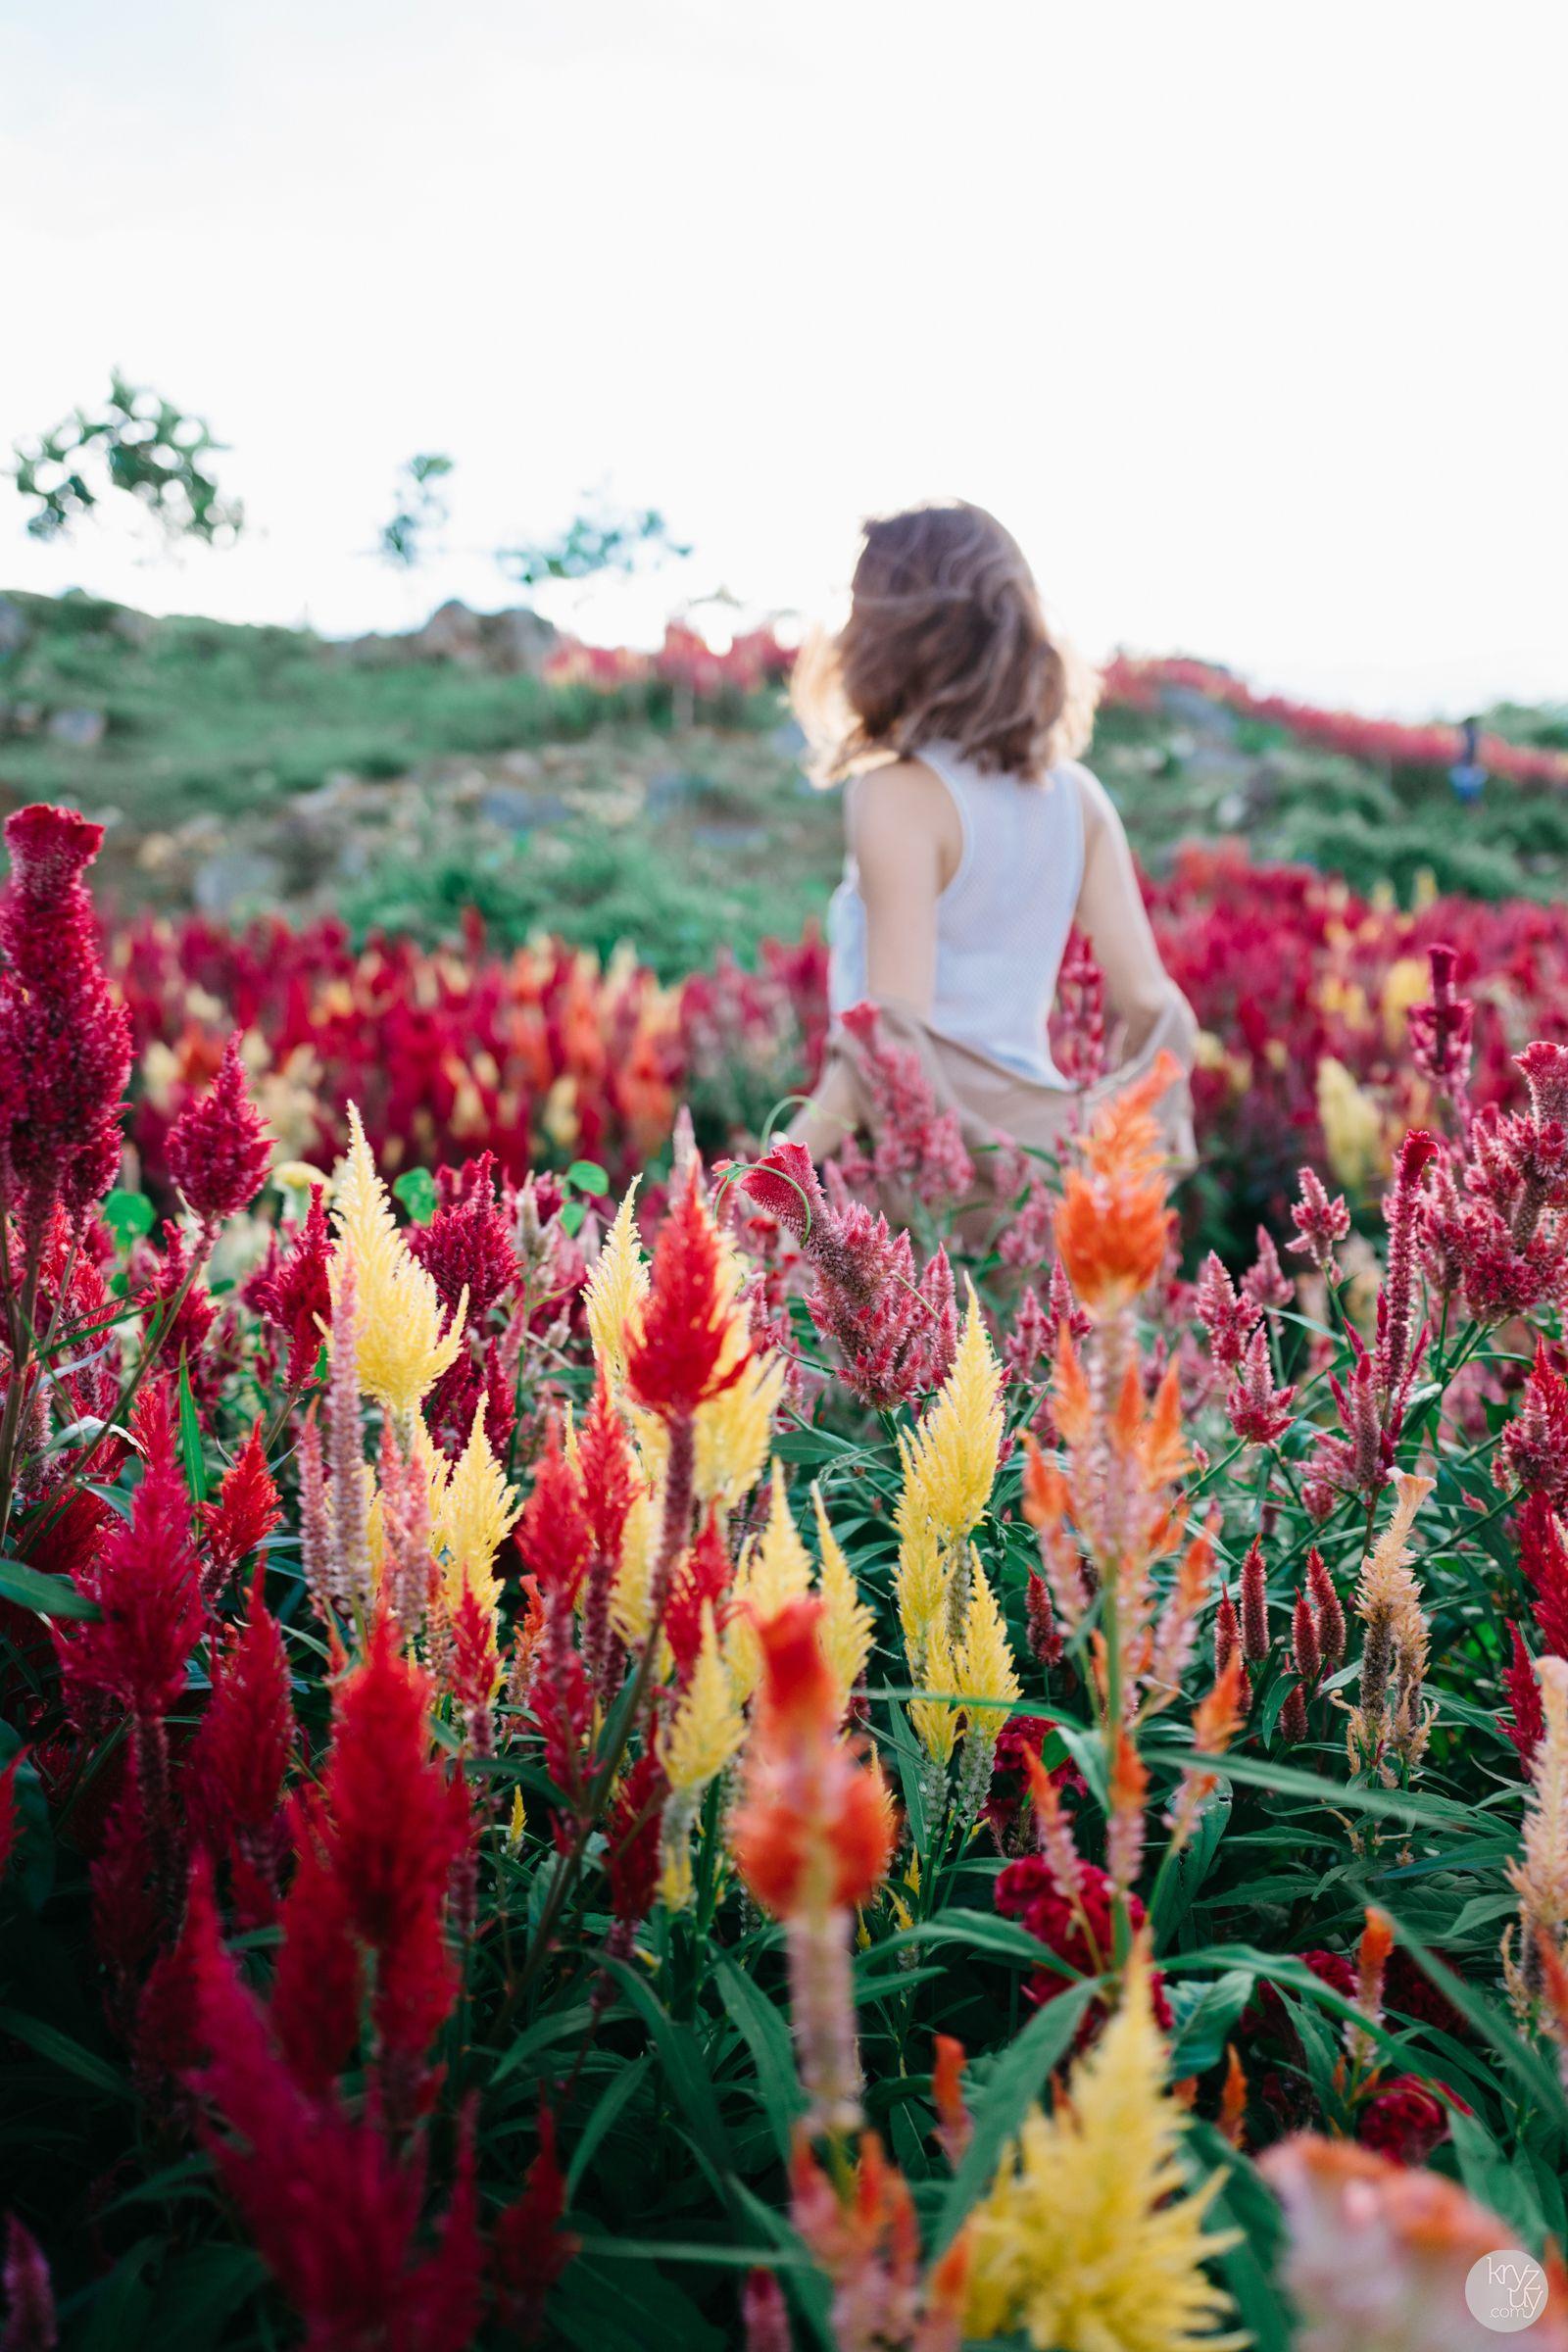 Sirao Cebu Philippines Asia Southeastasia Http Www Kryzuy Com Sirao Flower Garden Flower Garden Gardening Photography Flower Garden Design